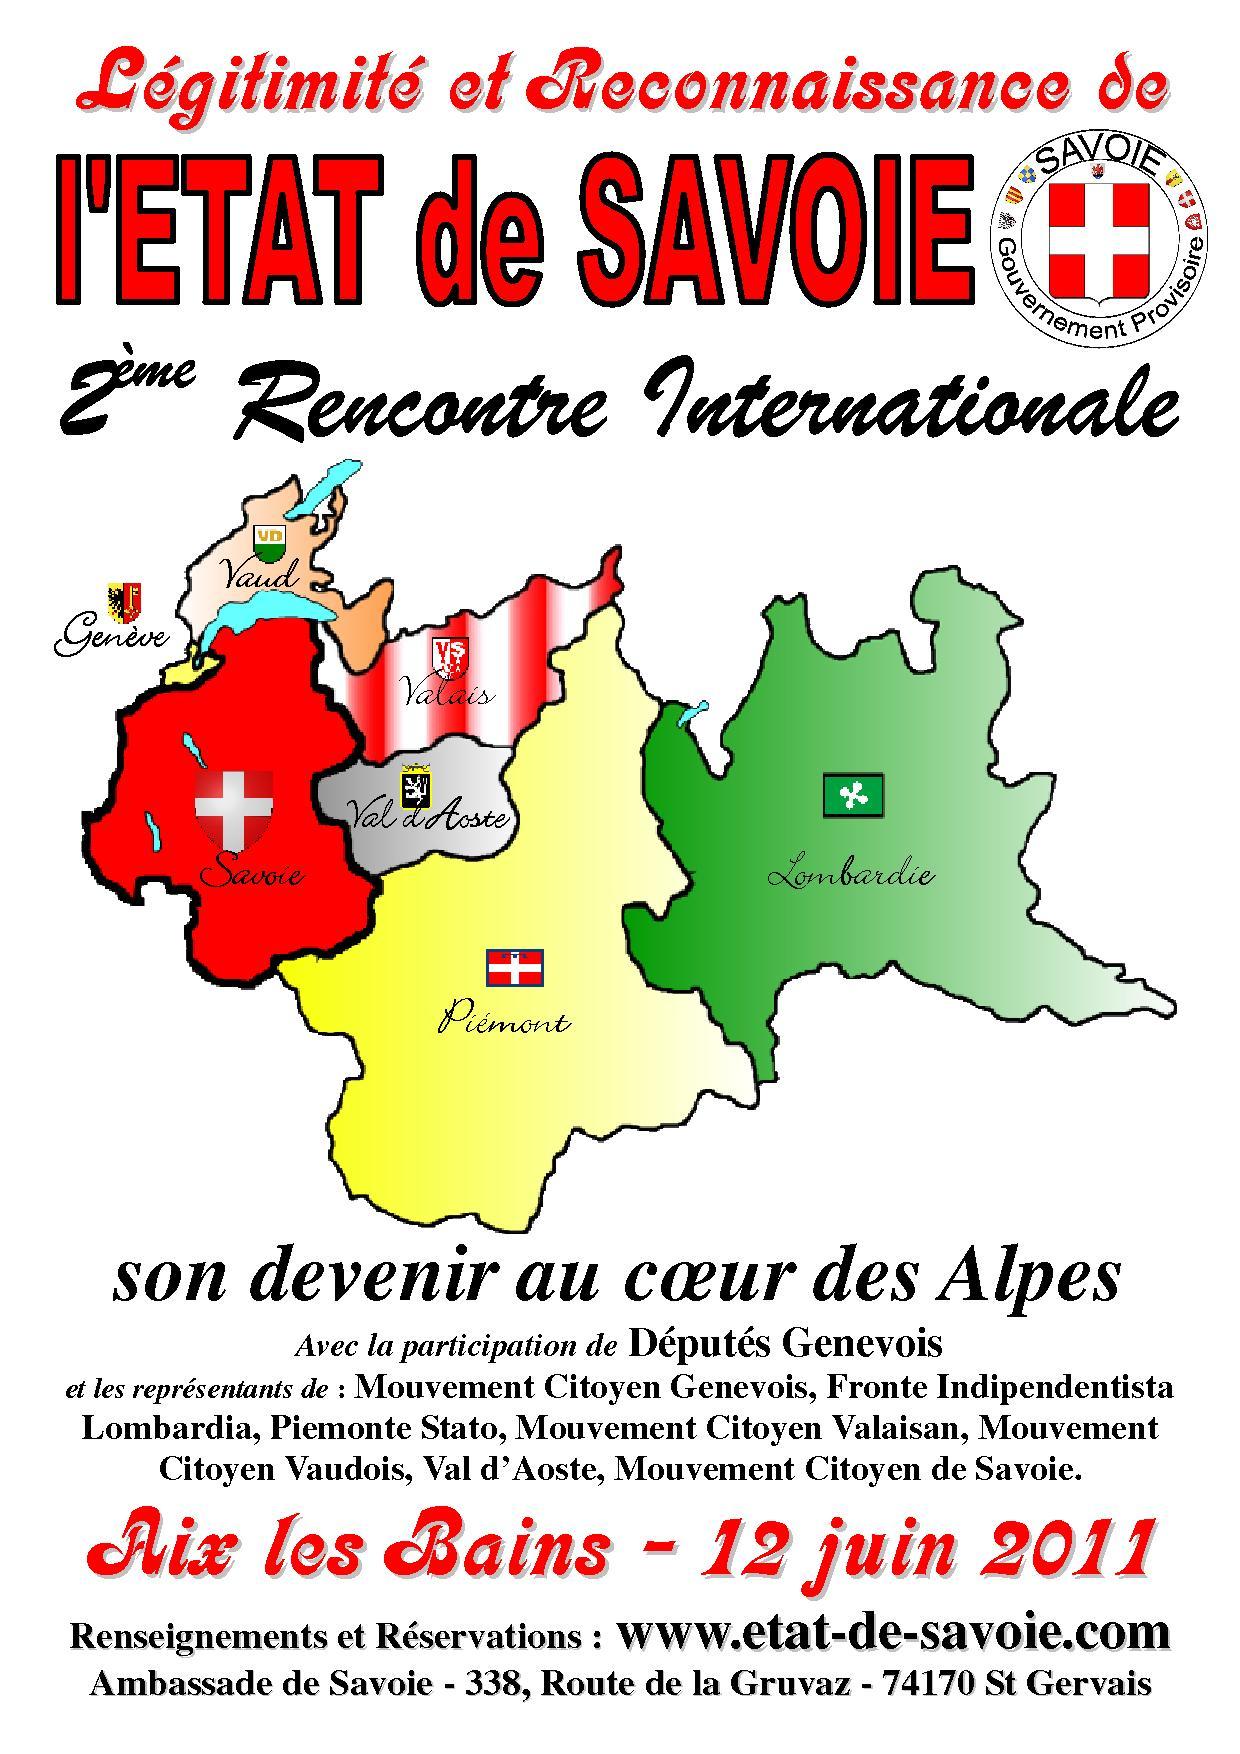 site de rencontre 2a Saint-Maur-des-Fossés